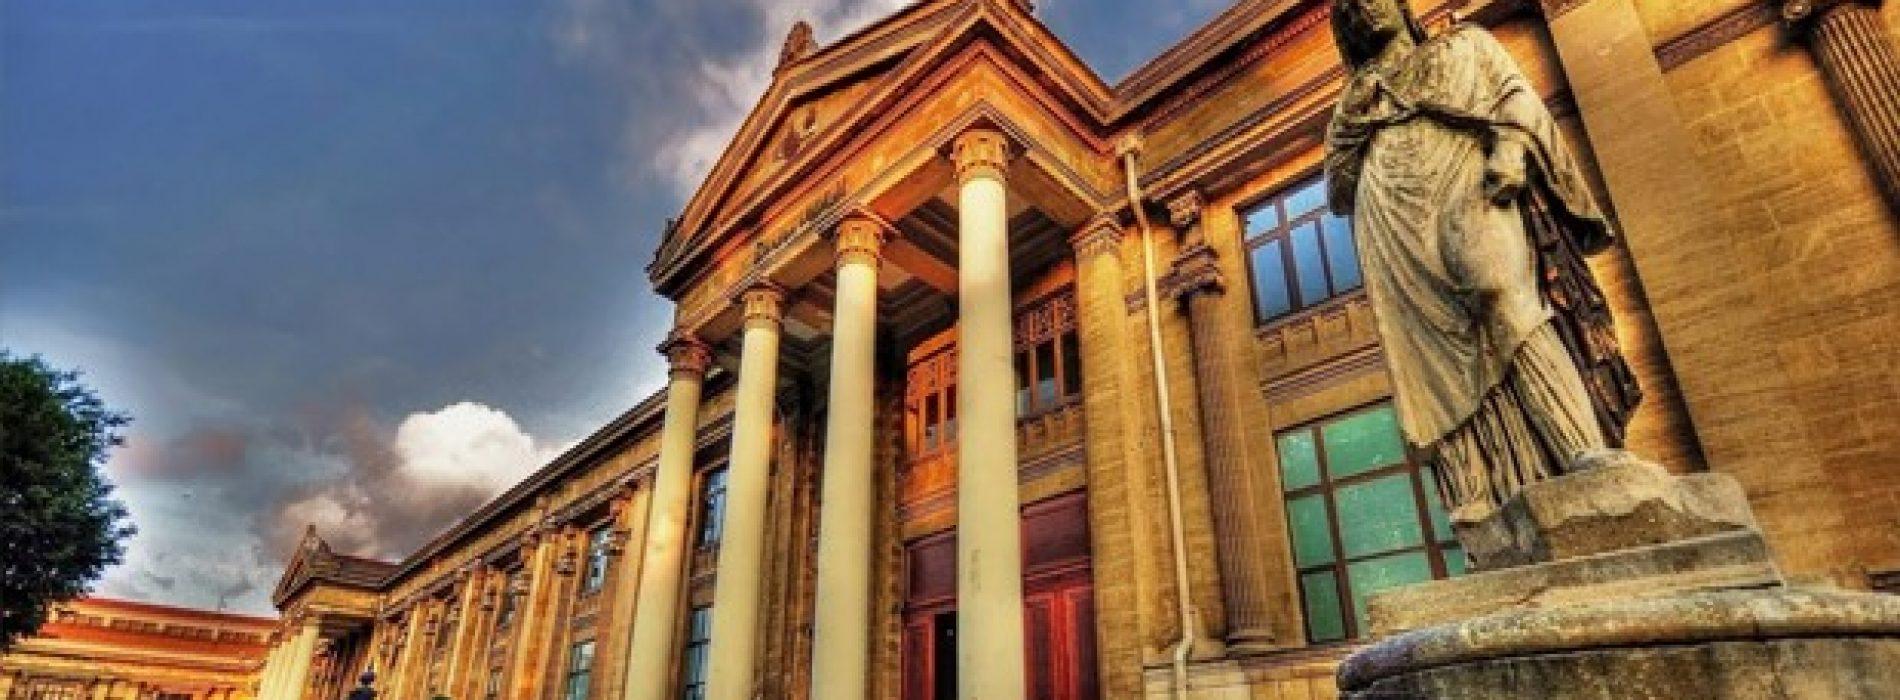 Türkiye' de Hangi Müzeler Ücretsiz